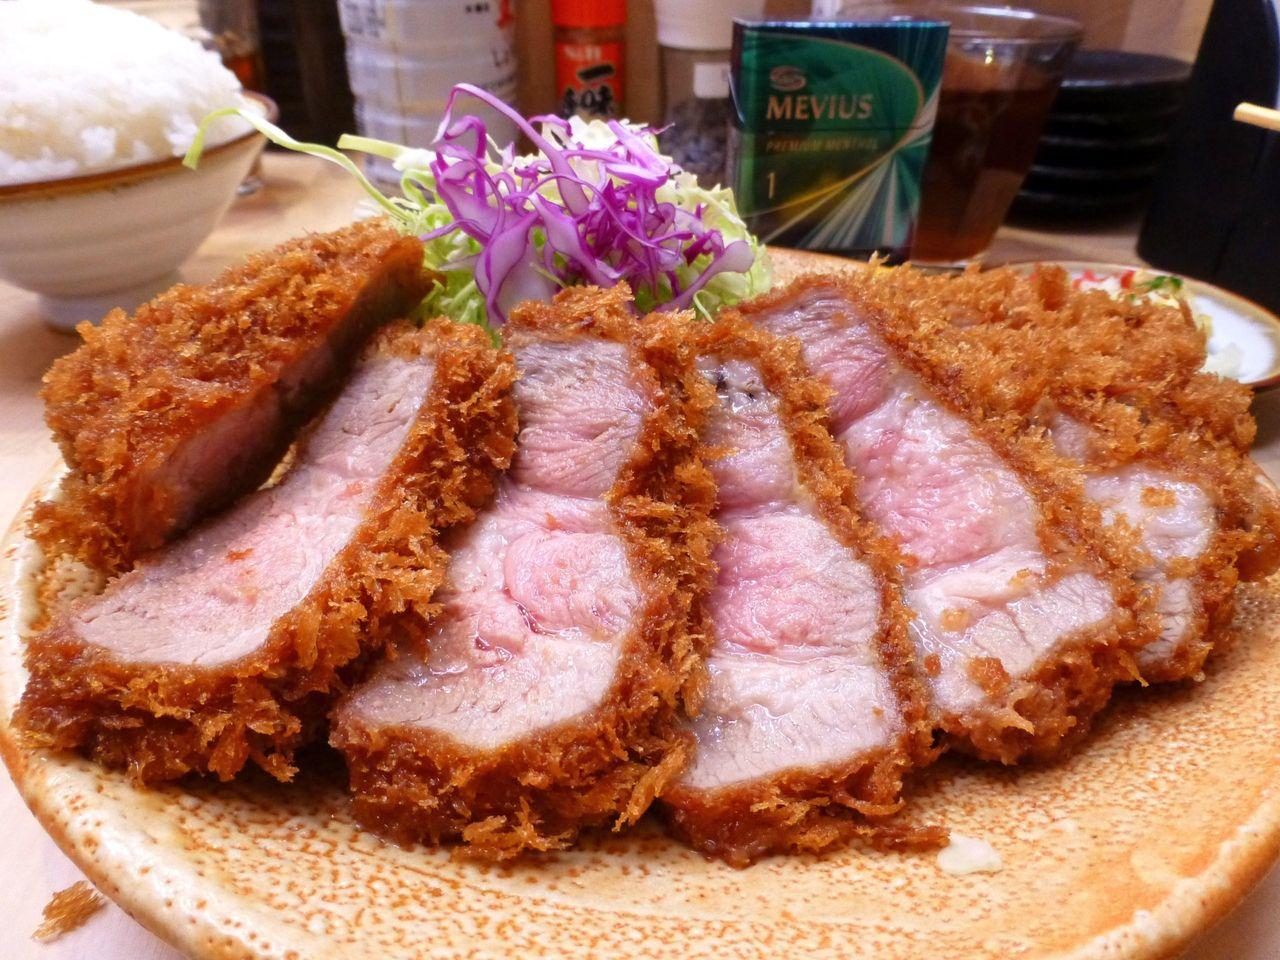 http://livedoor.blogimg.jp/gakudai1/imgs/6/d/6d01f4b6.jpg